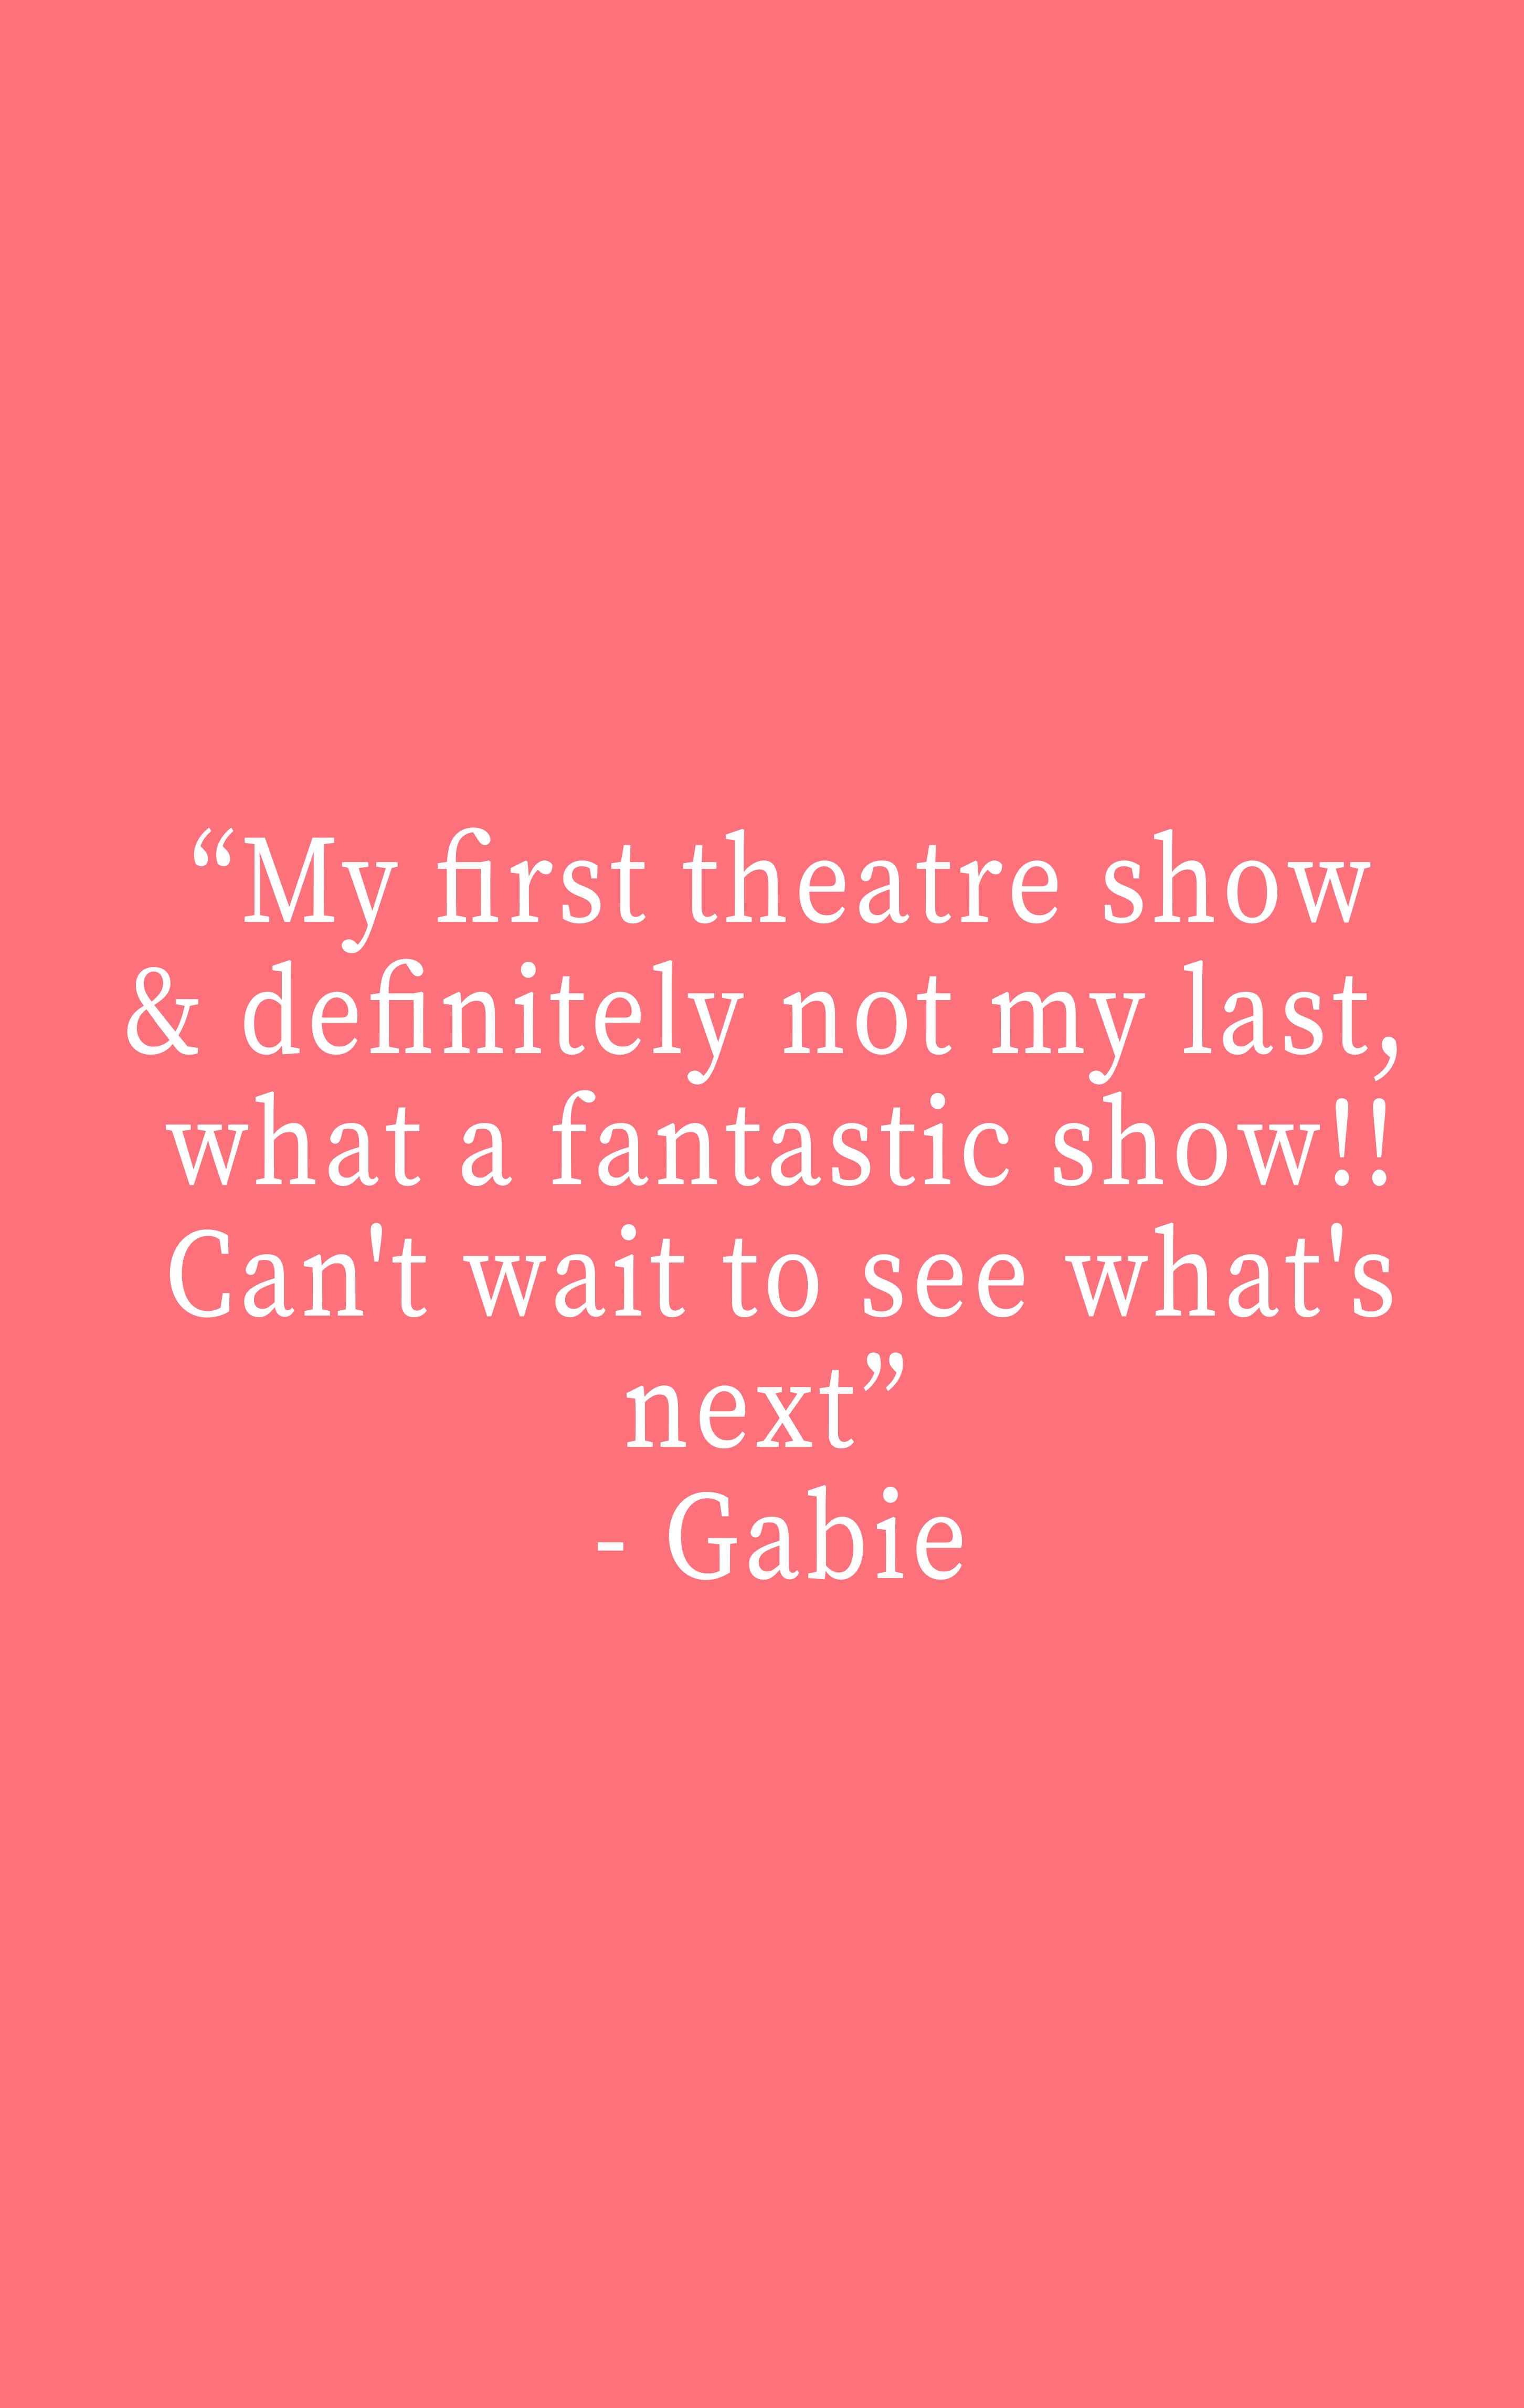 Gabie